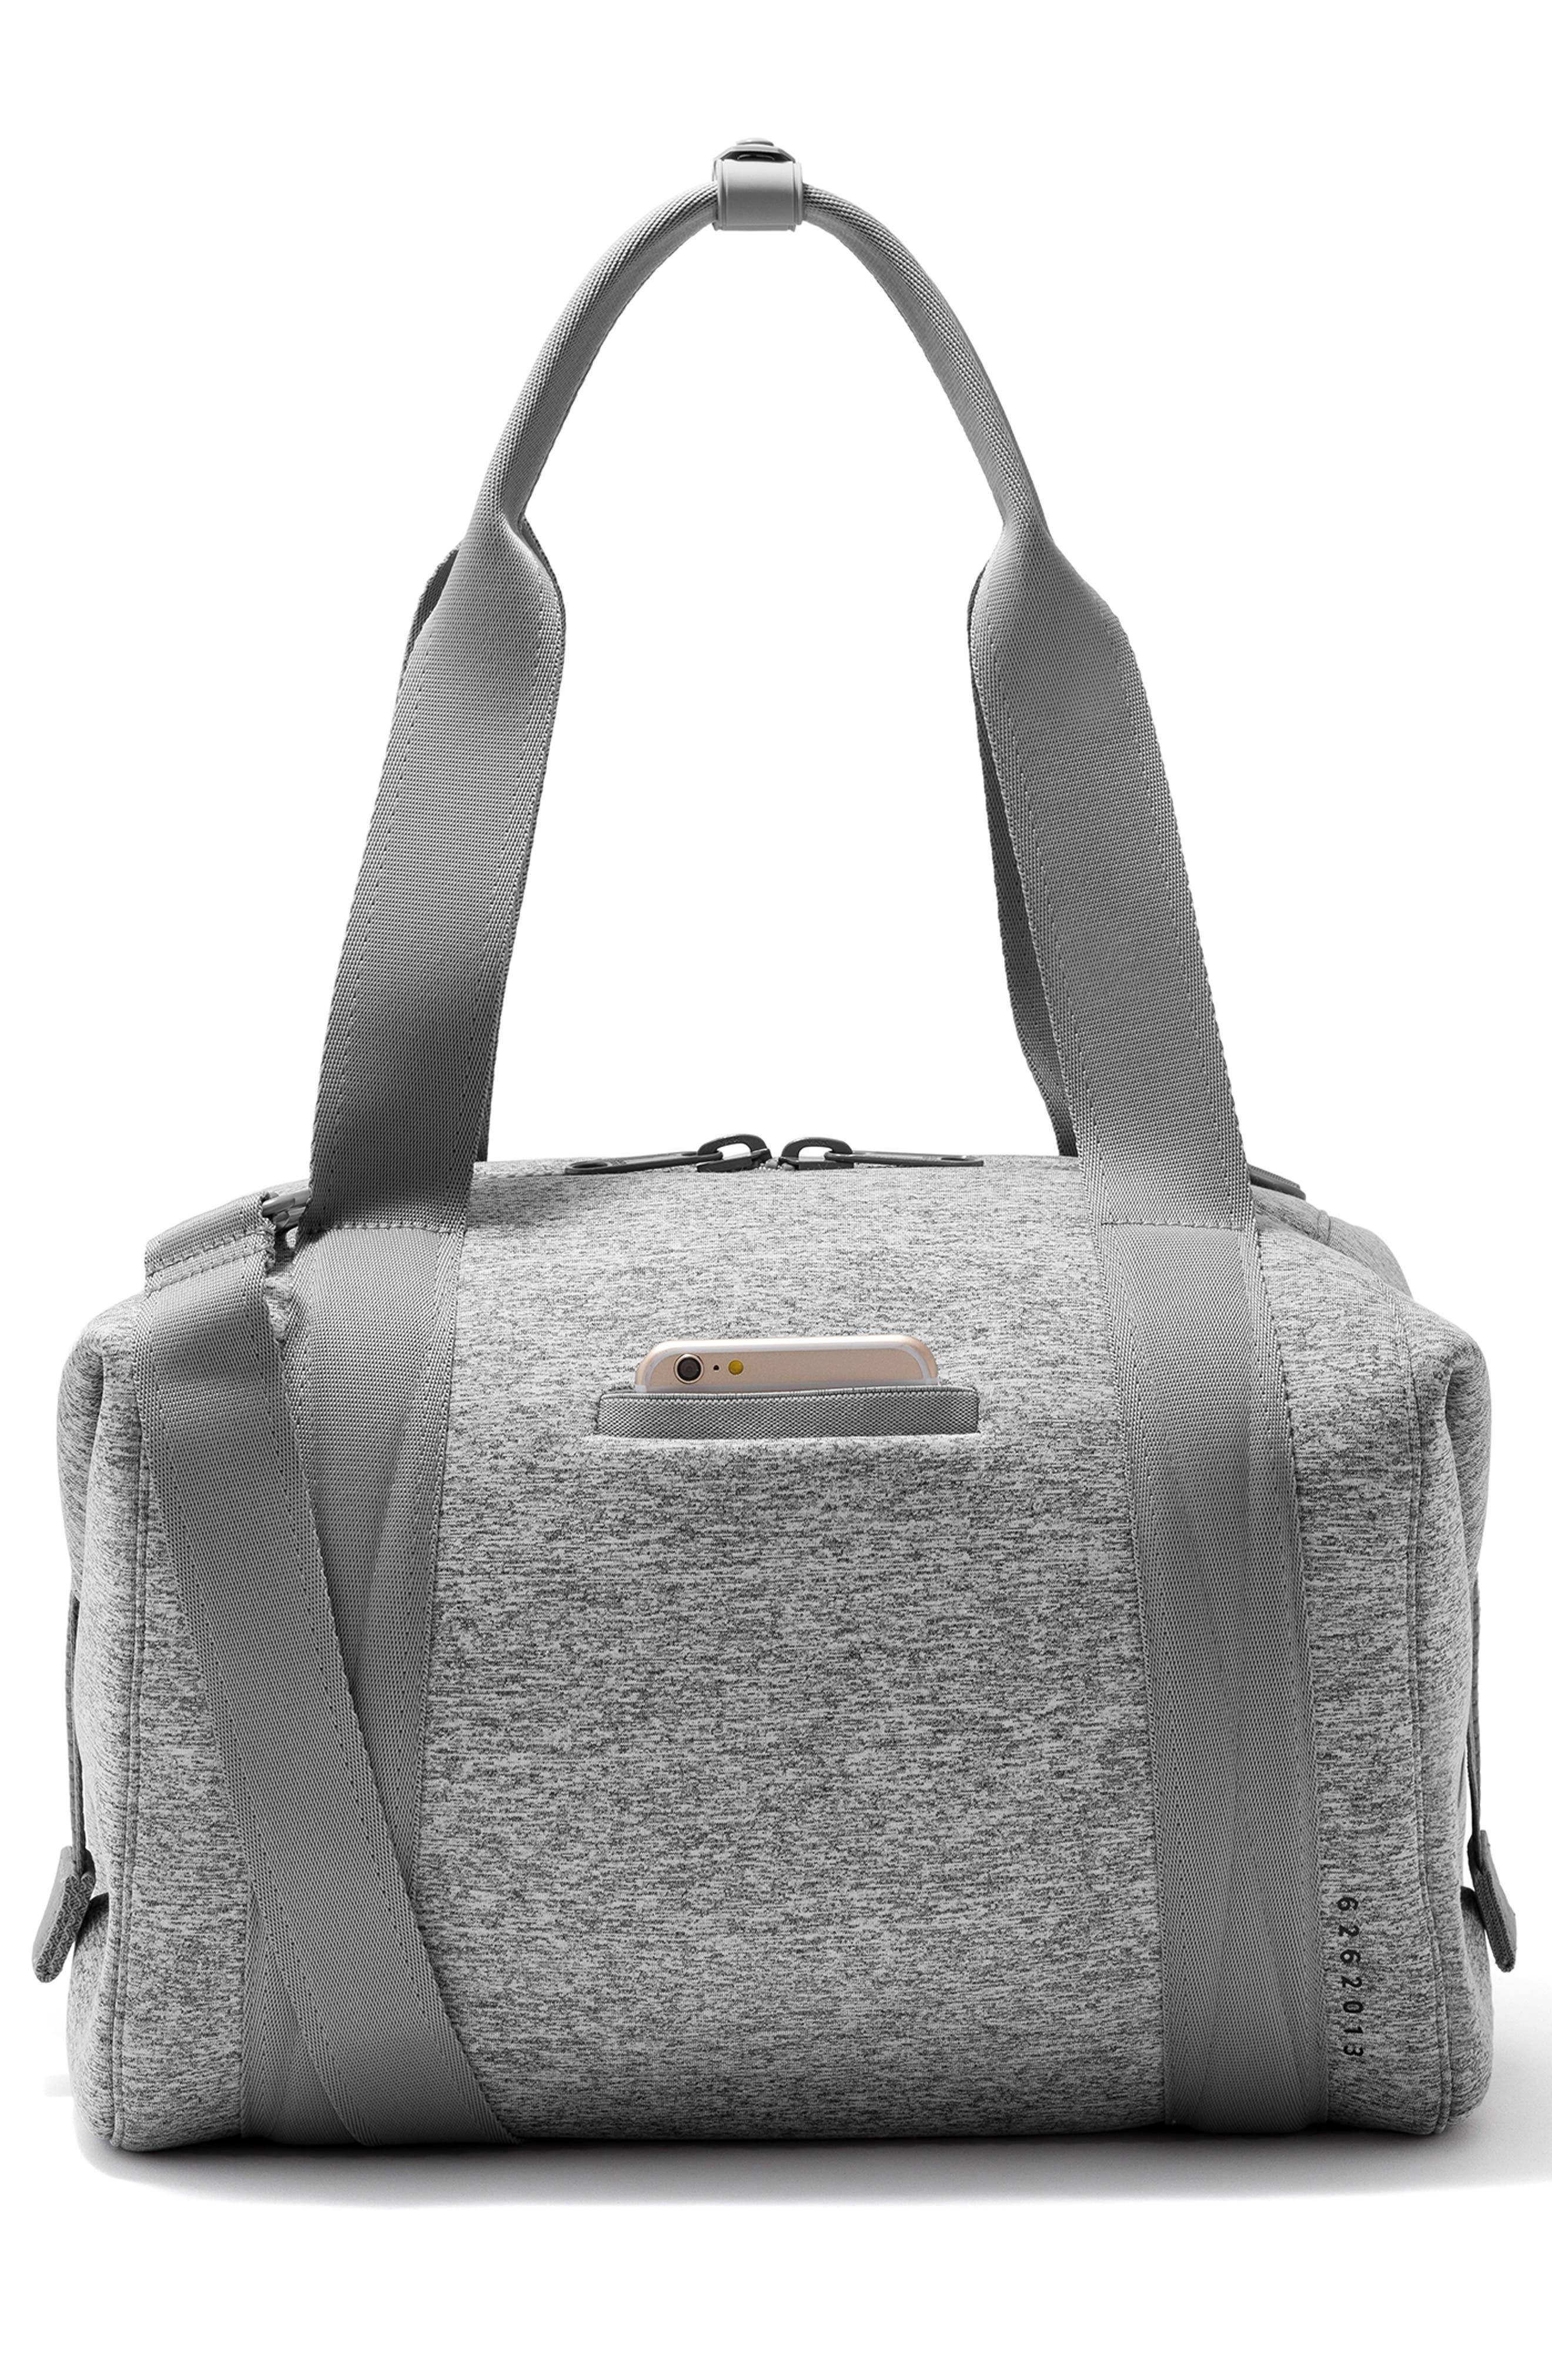 DAGNE DOVER, 365 Medium Landon Neoprene Carryall Duffle Bag, Alternate thumbnail 5, color, HEATHER GREY